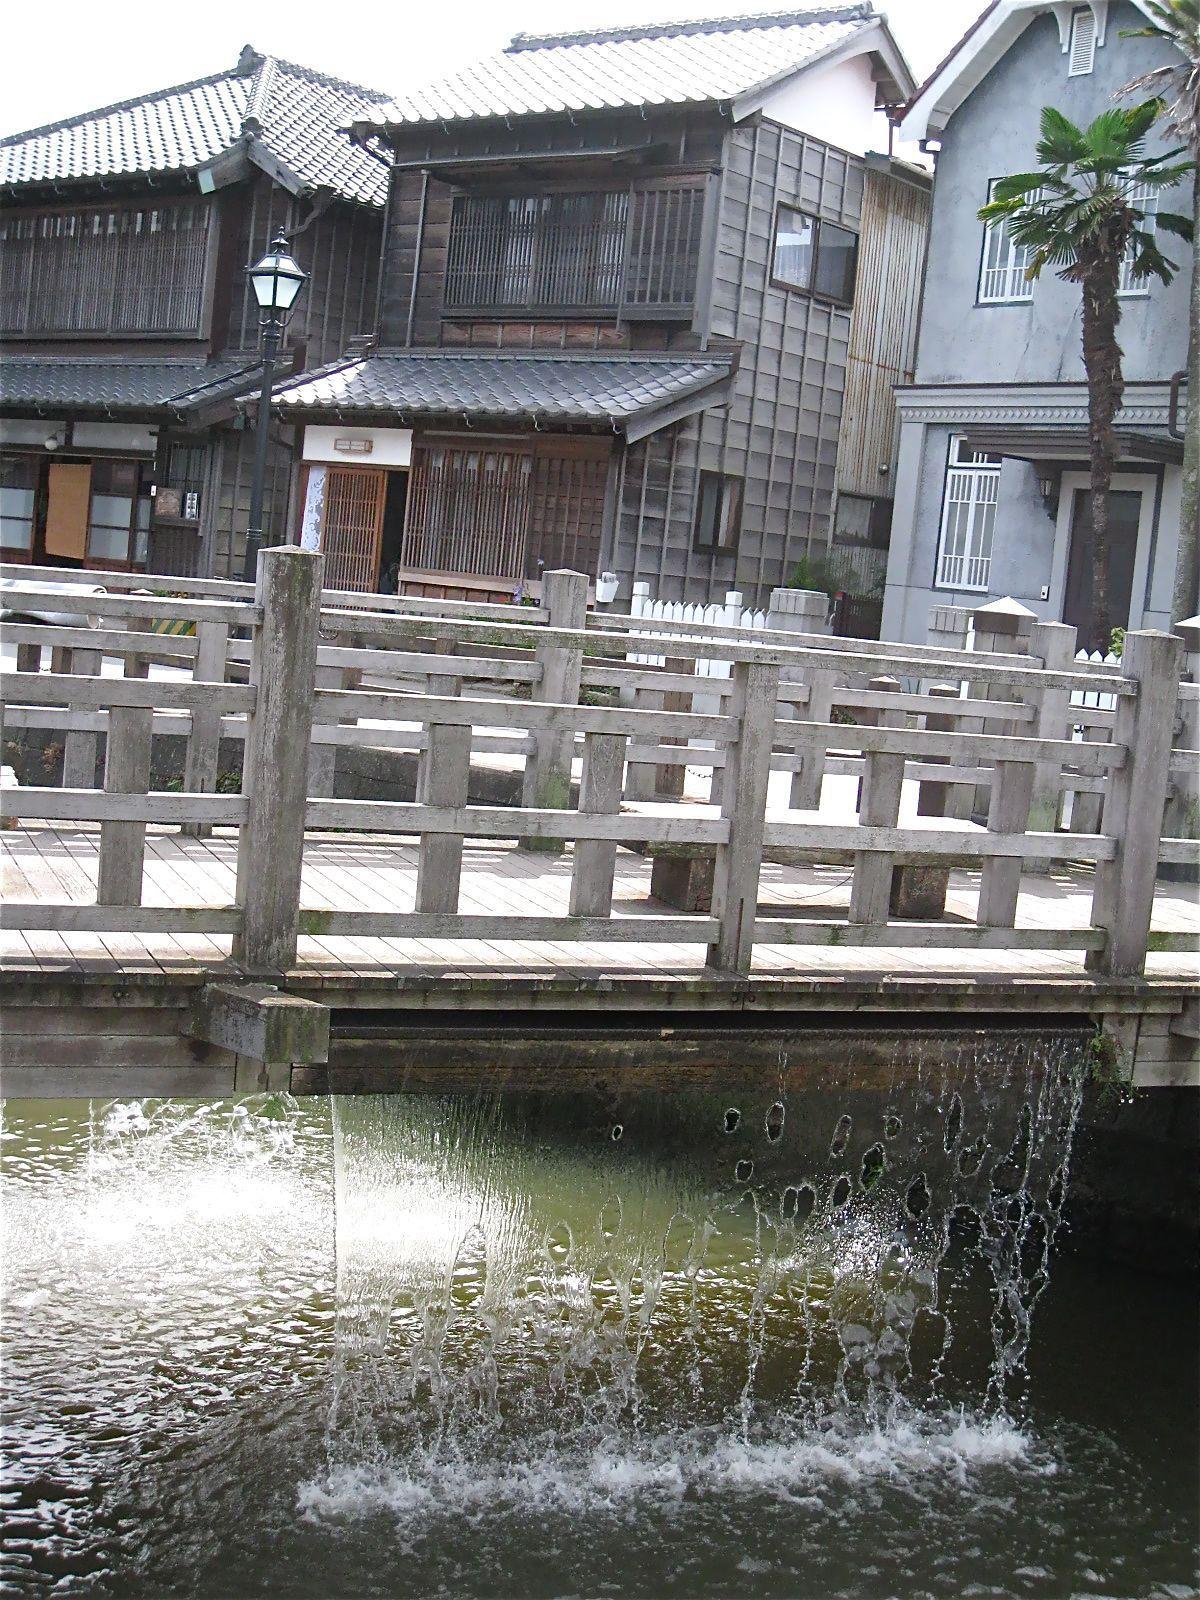 2.伊能忠敬記念館/伊能忠敬旧宅/樋橋(ジャージャー橋)